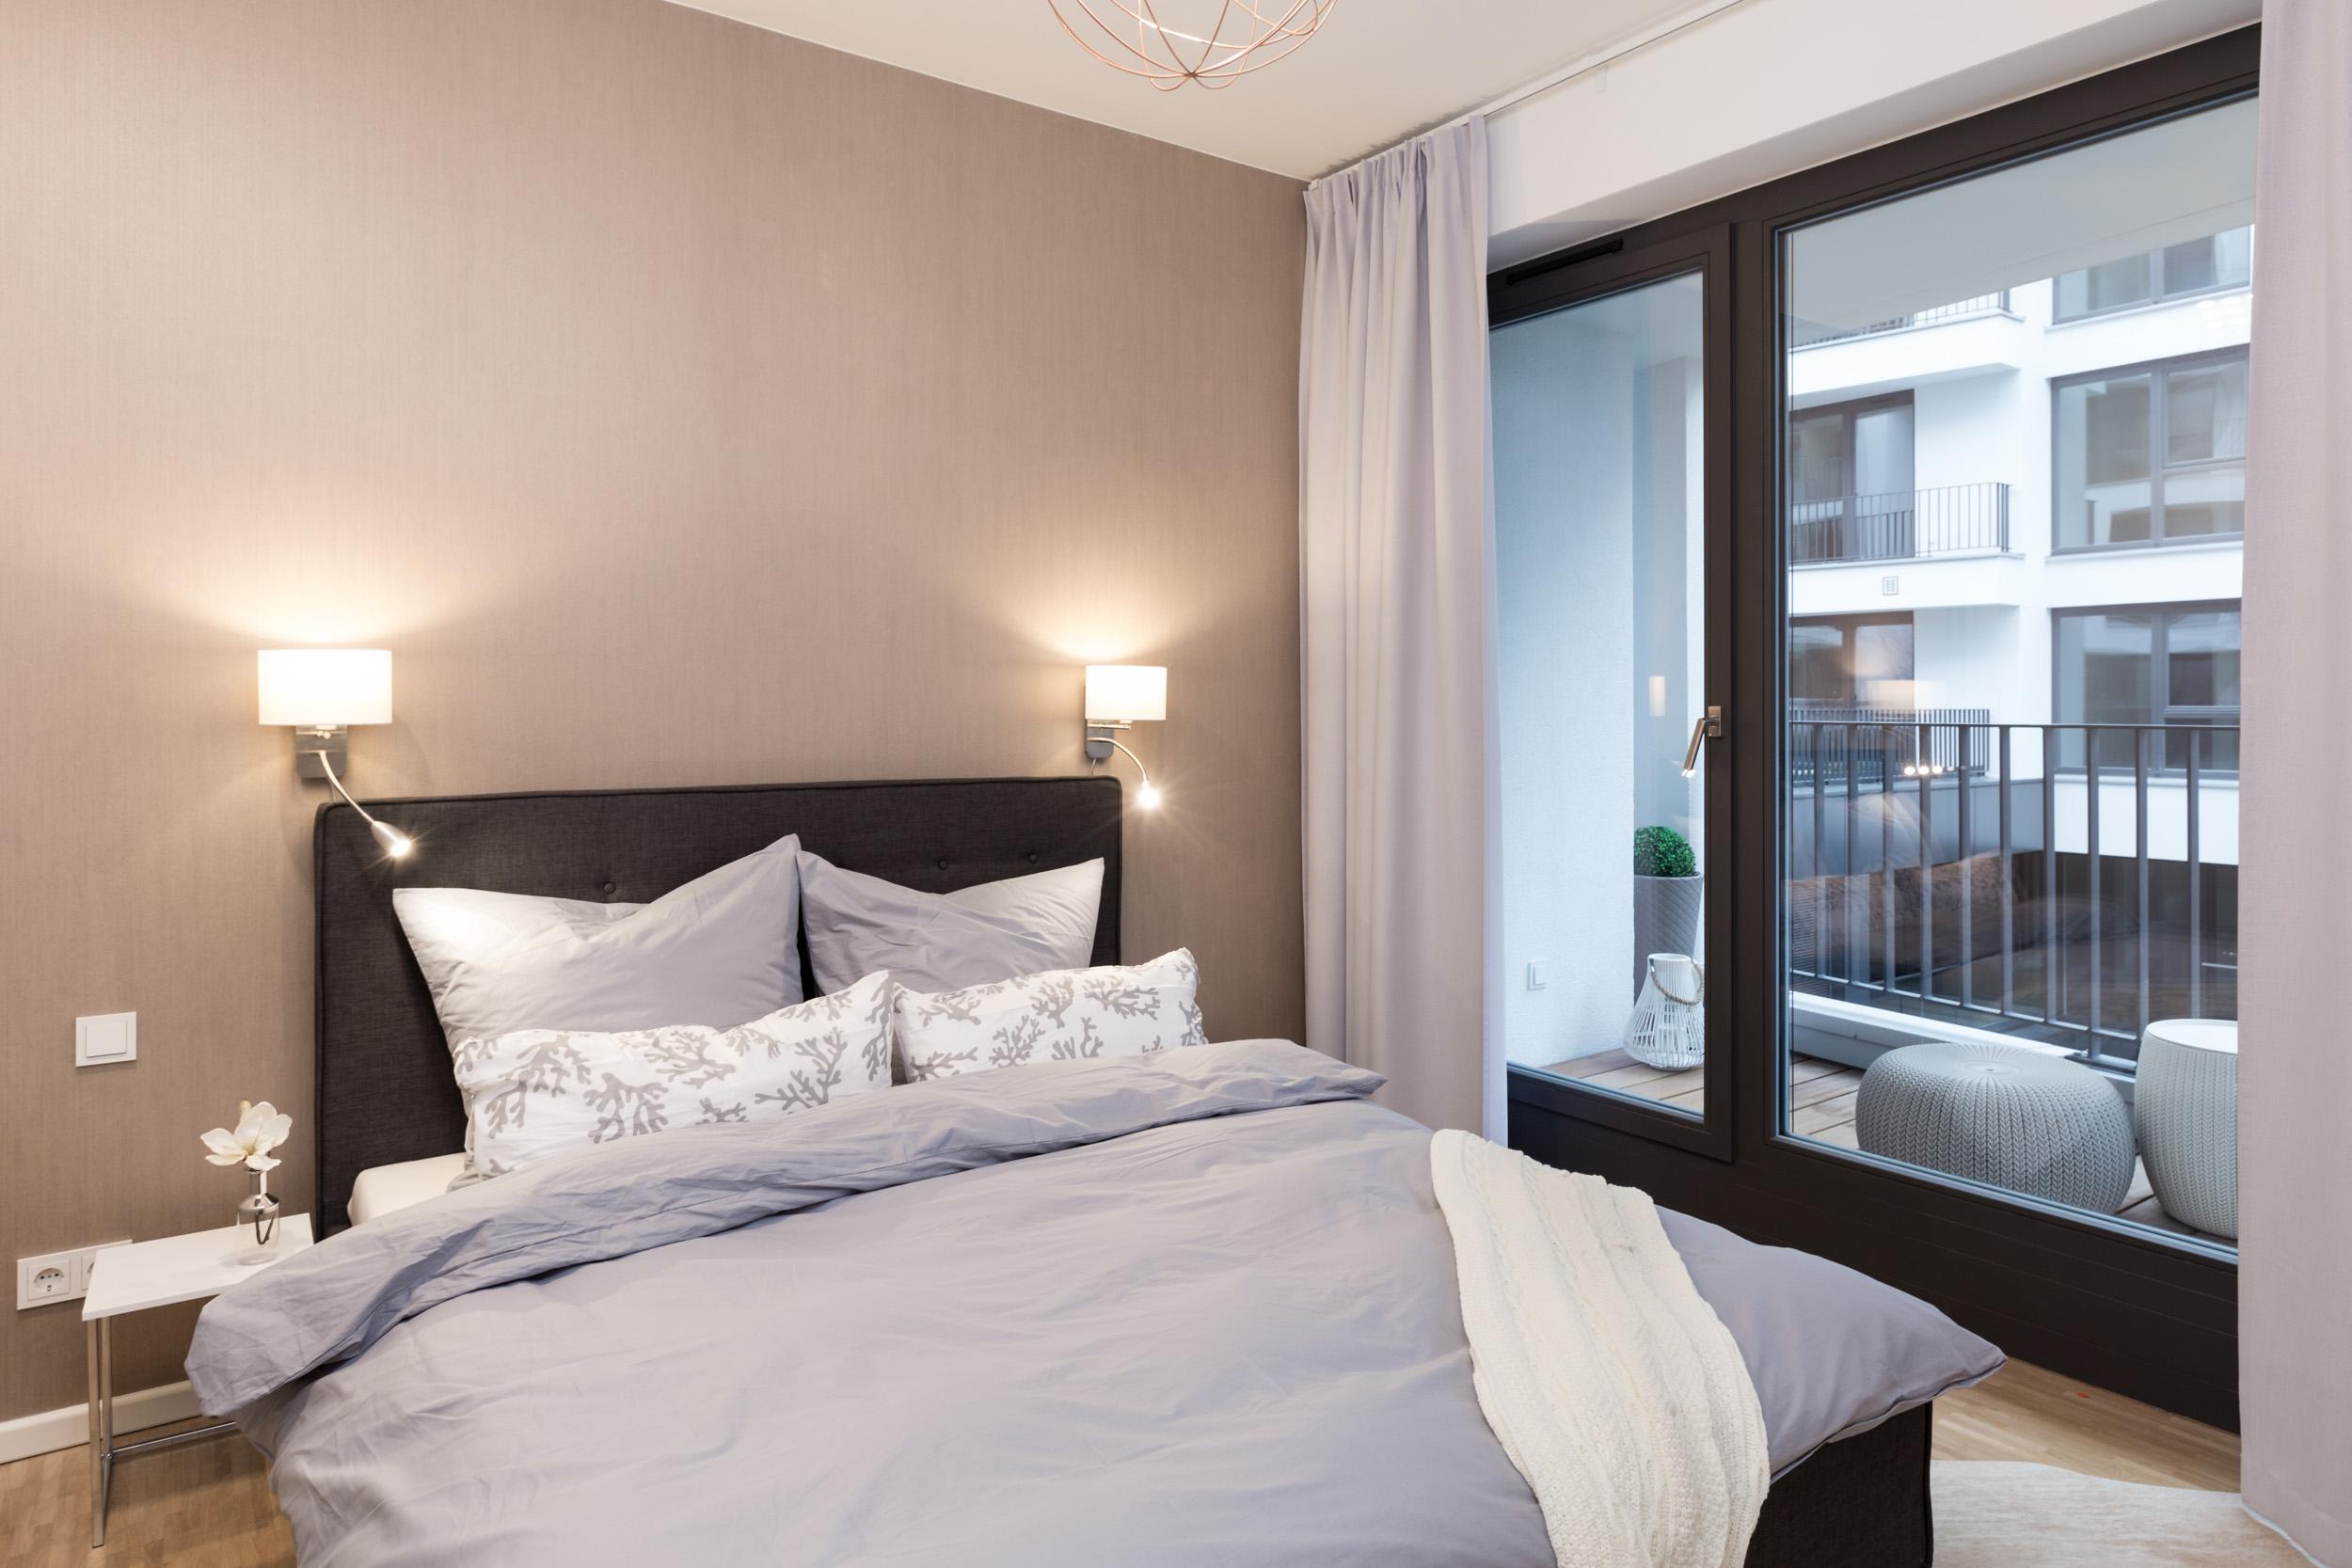 re-vamp+möbliertes+Mikropapartment+WE+145+Schlafzimmer.jpg